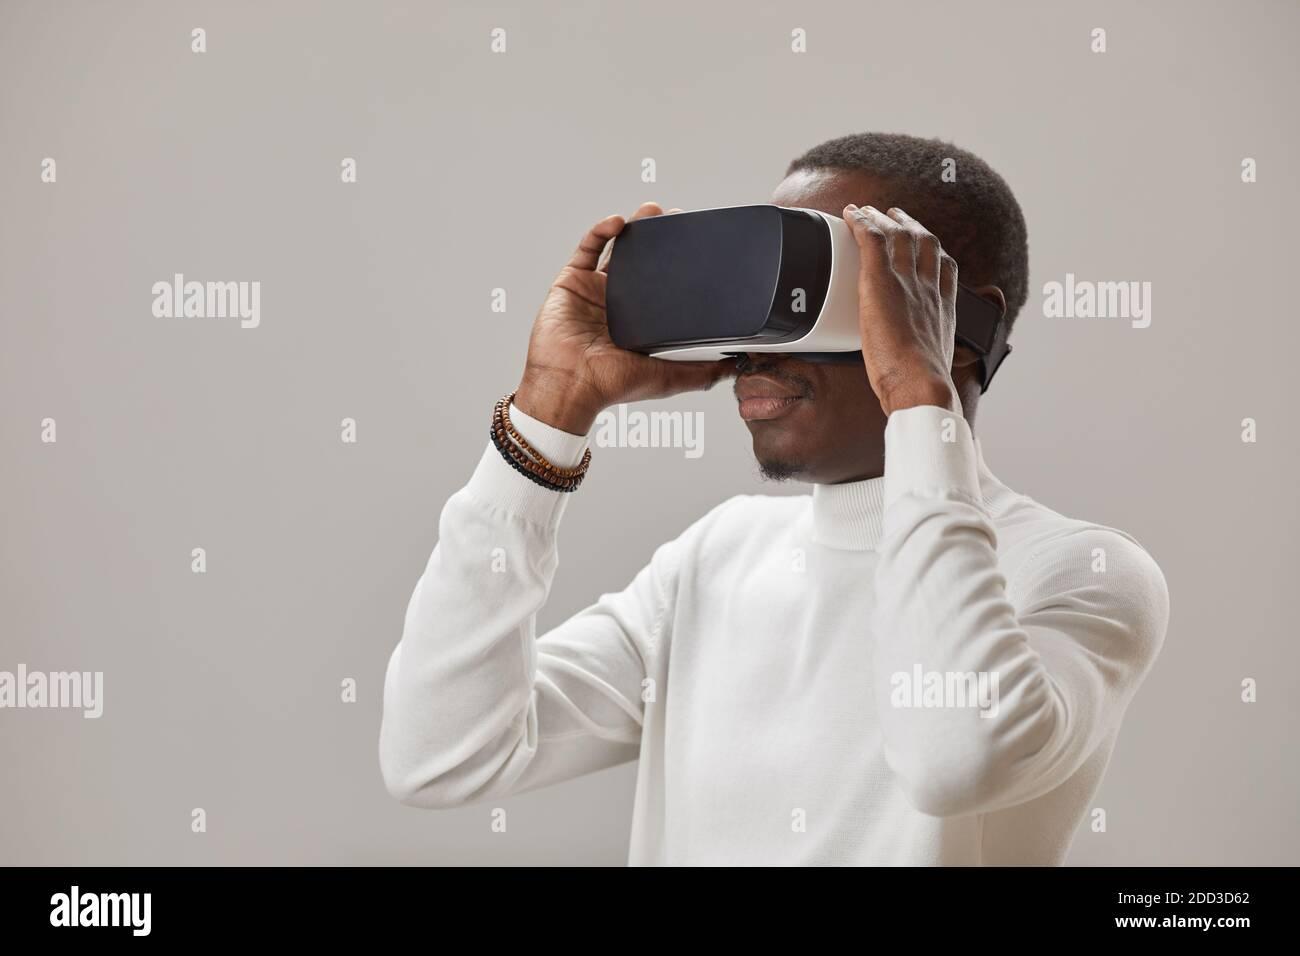 Joven africano en gafas virtuales jugando en realidad virtual juego contra el fondo gris Foto de stock